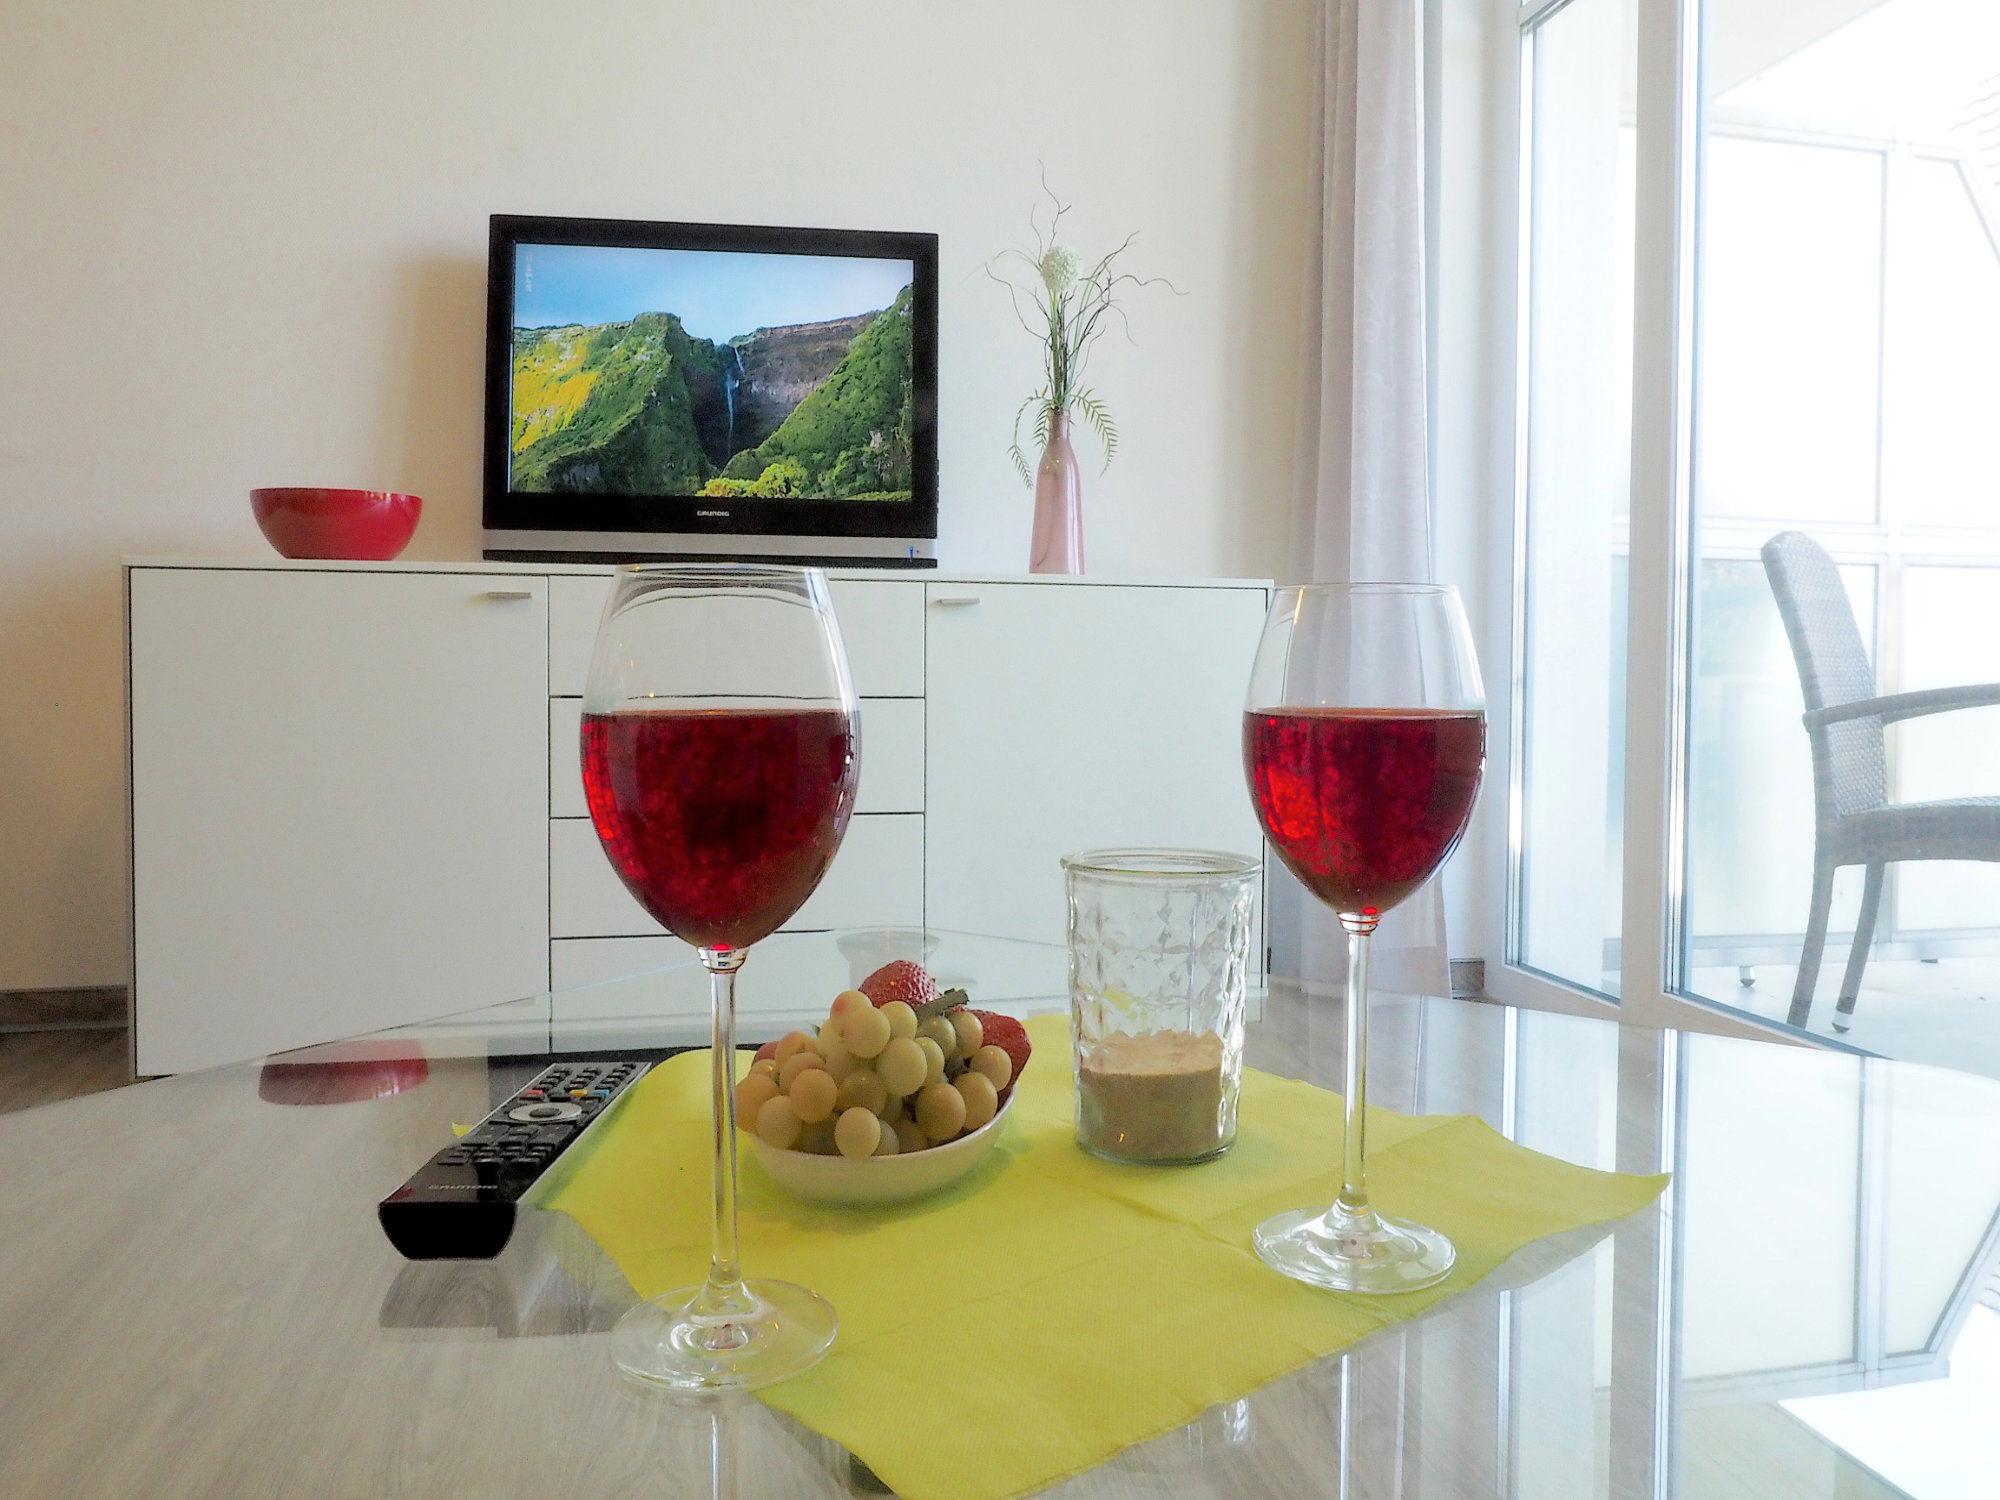 Wohnzimmer Glastisch mit Blick zum Flatscreen TV und Sideboard